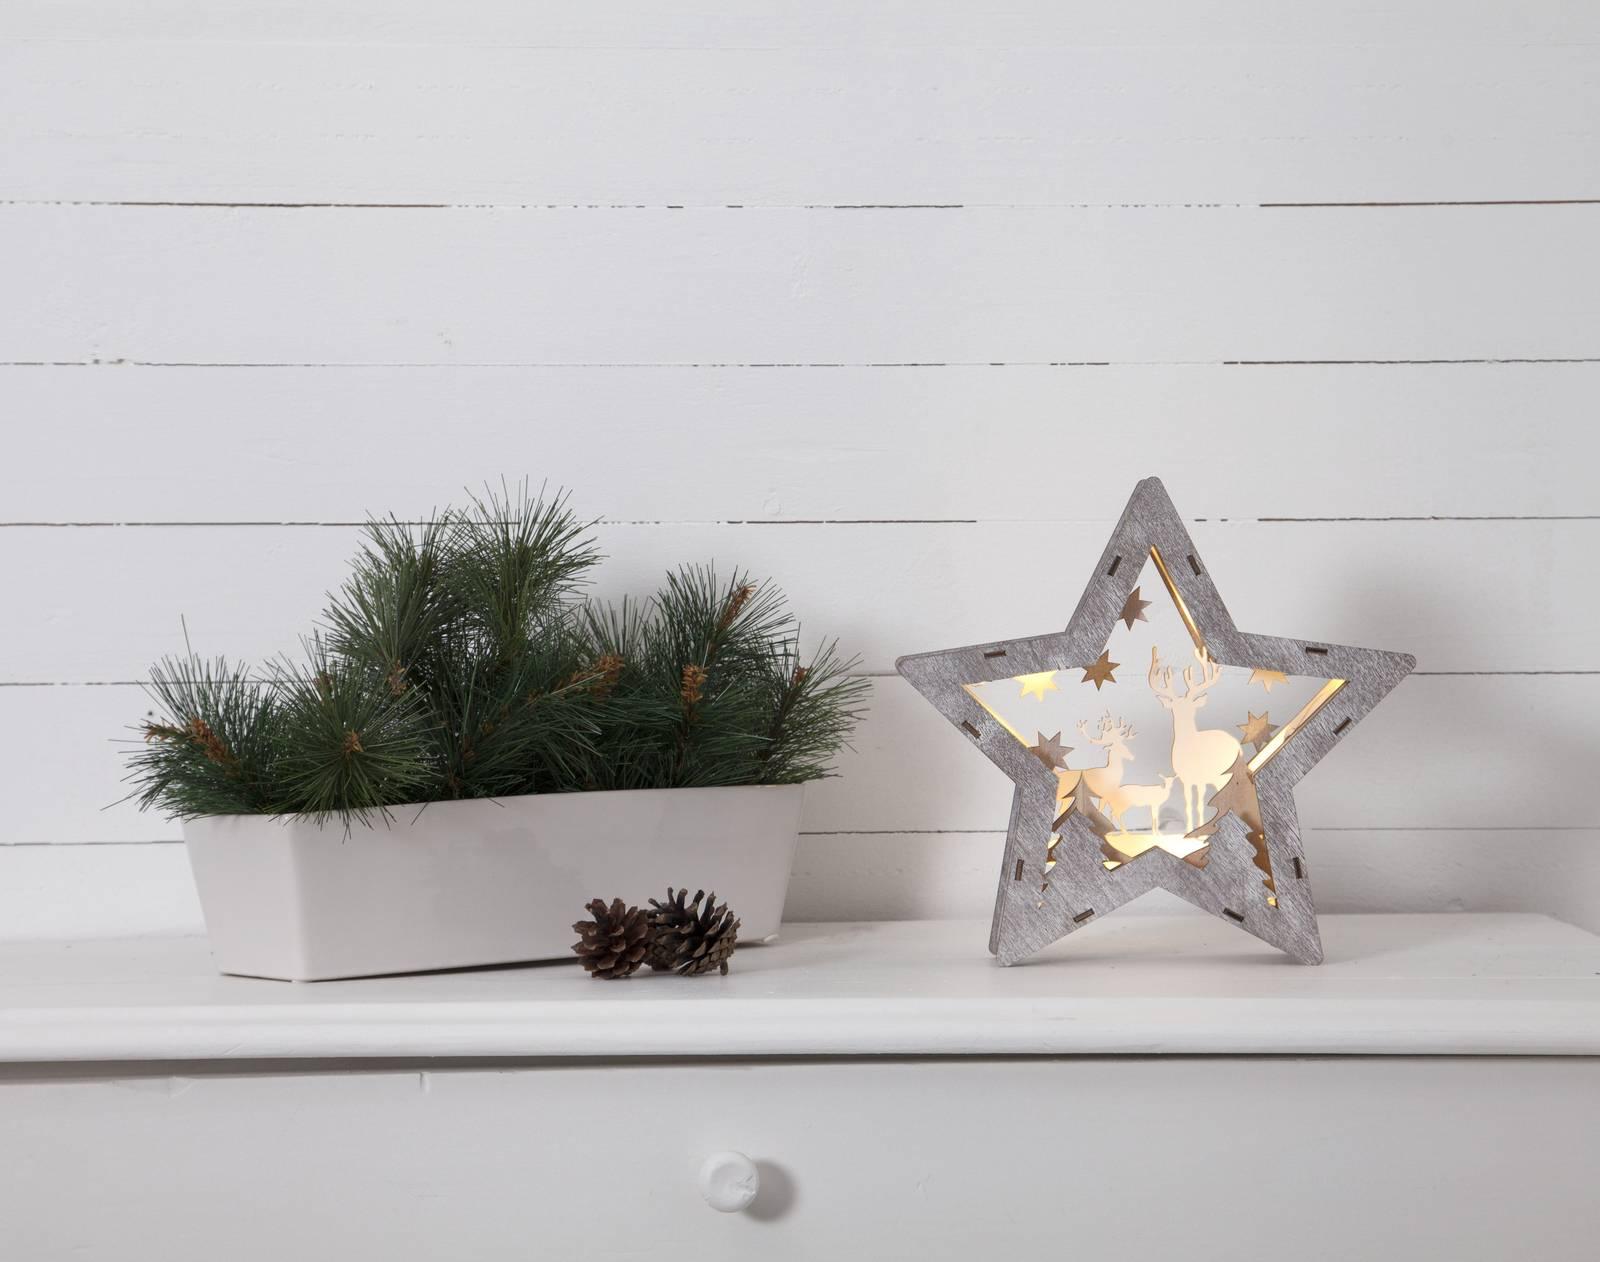 Fauna-LED-koristetähti puuta, korkeus 24 cm